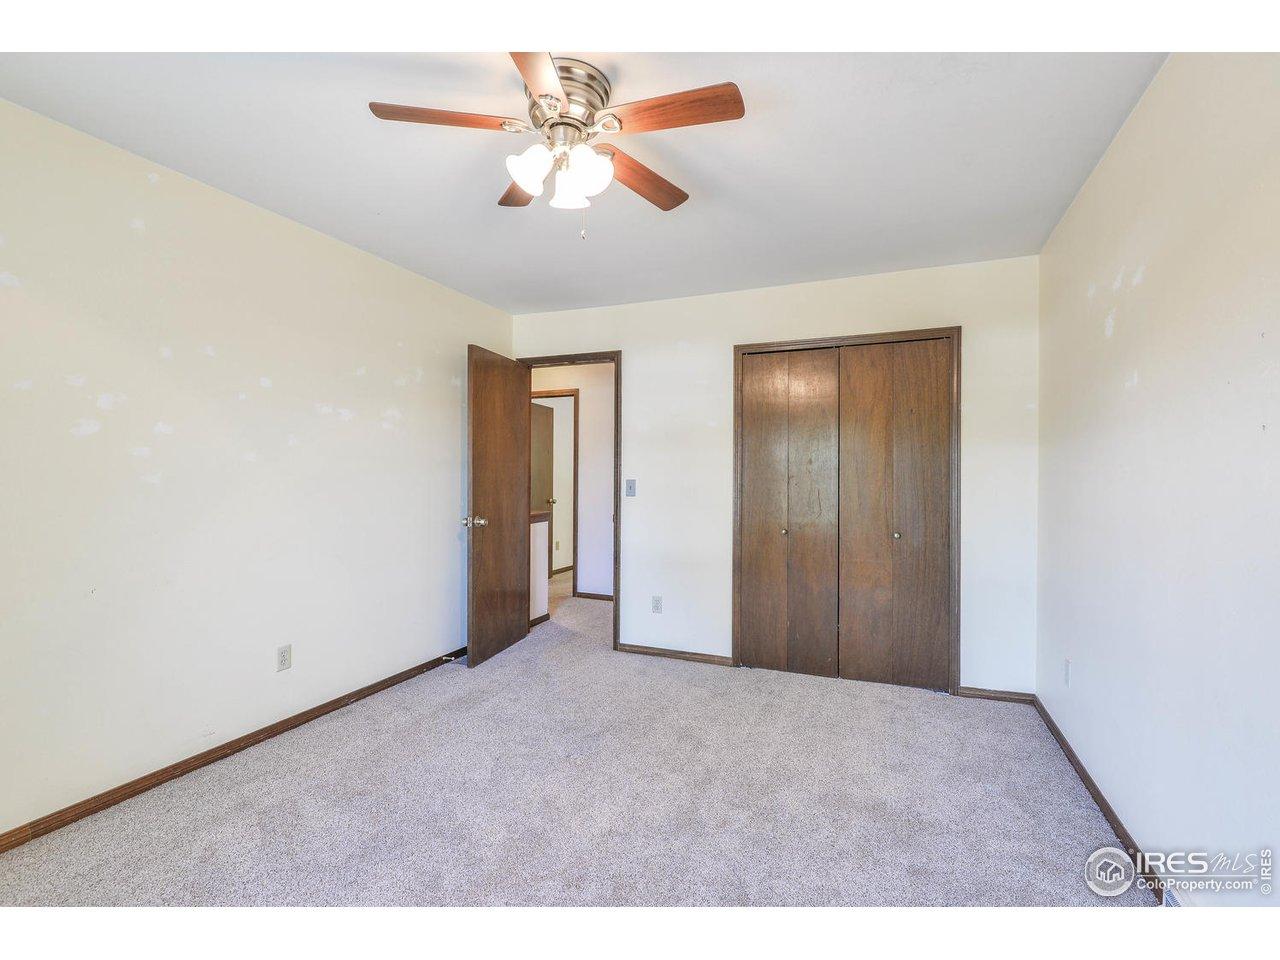 3rd upstairs bedroom